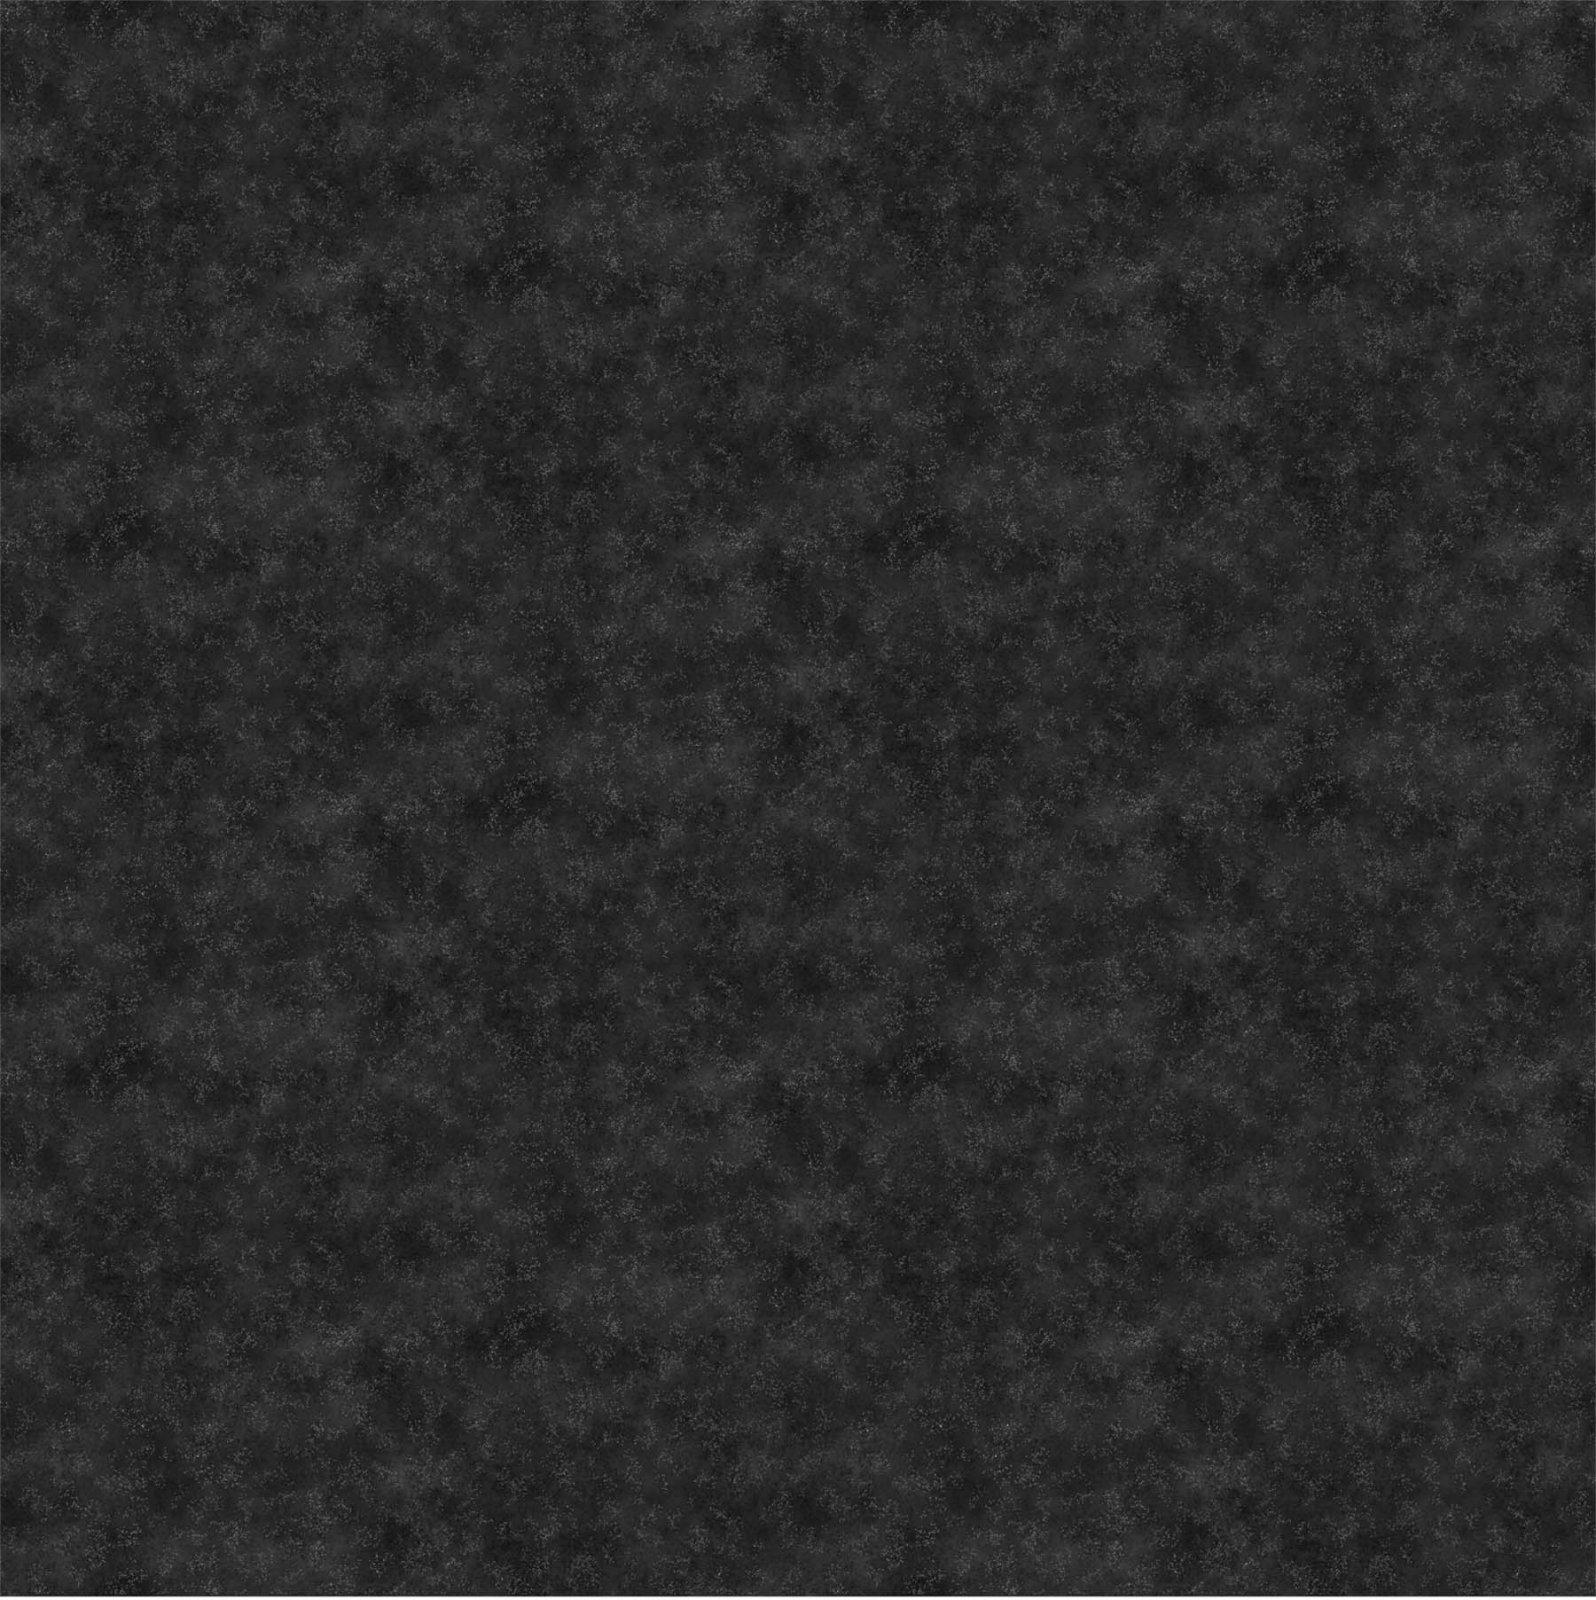 Shimmer - Radiance - Black Panther